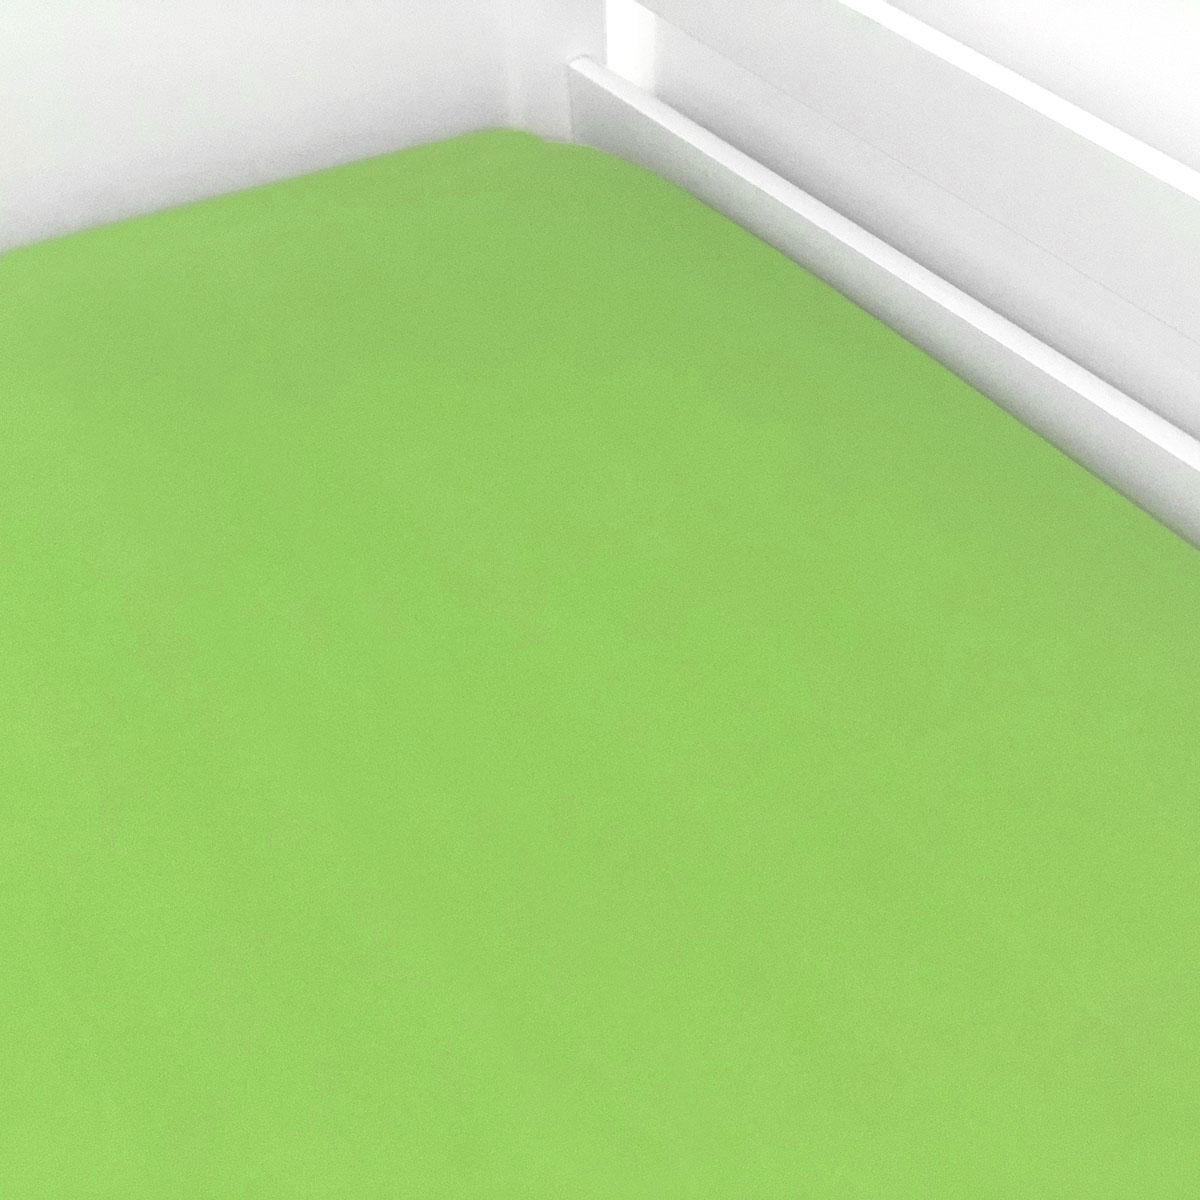 Lençol De Elástico Liso Verde Limão